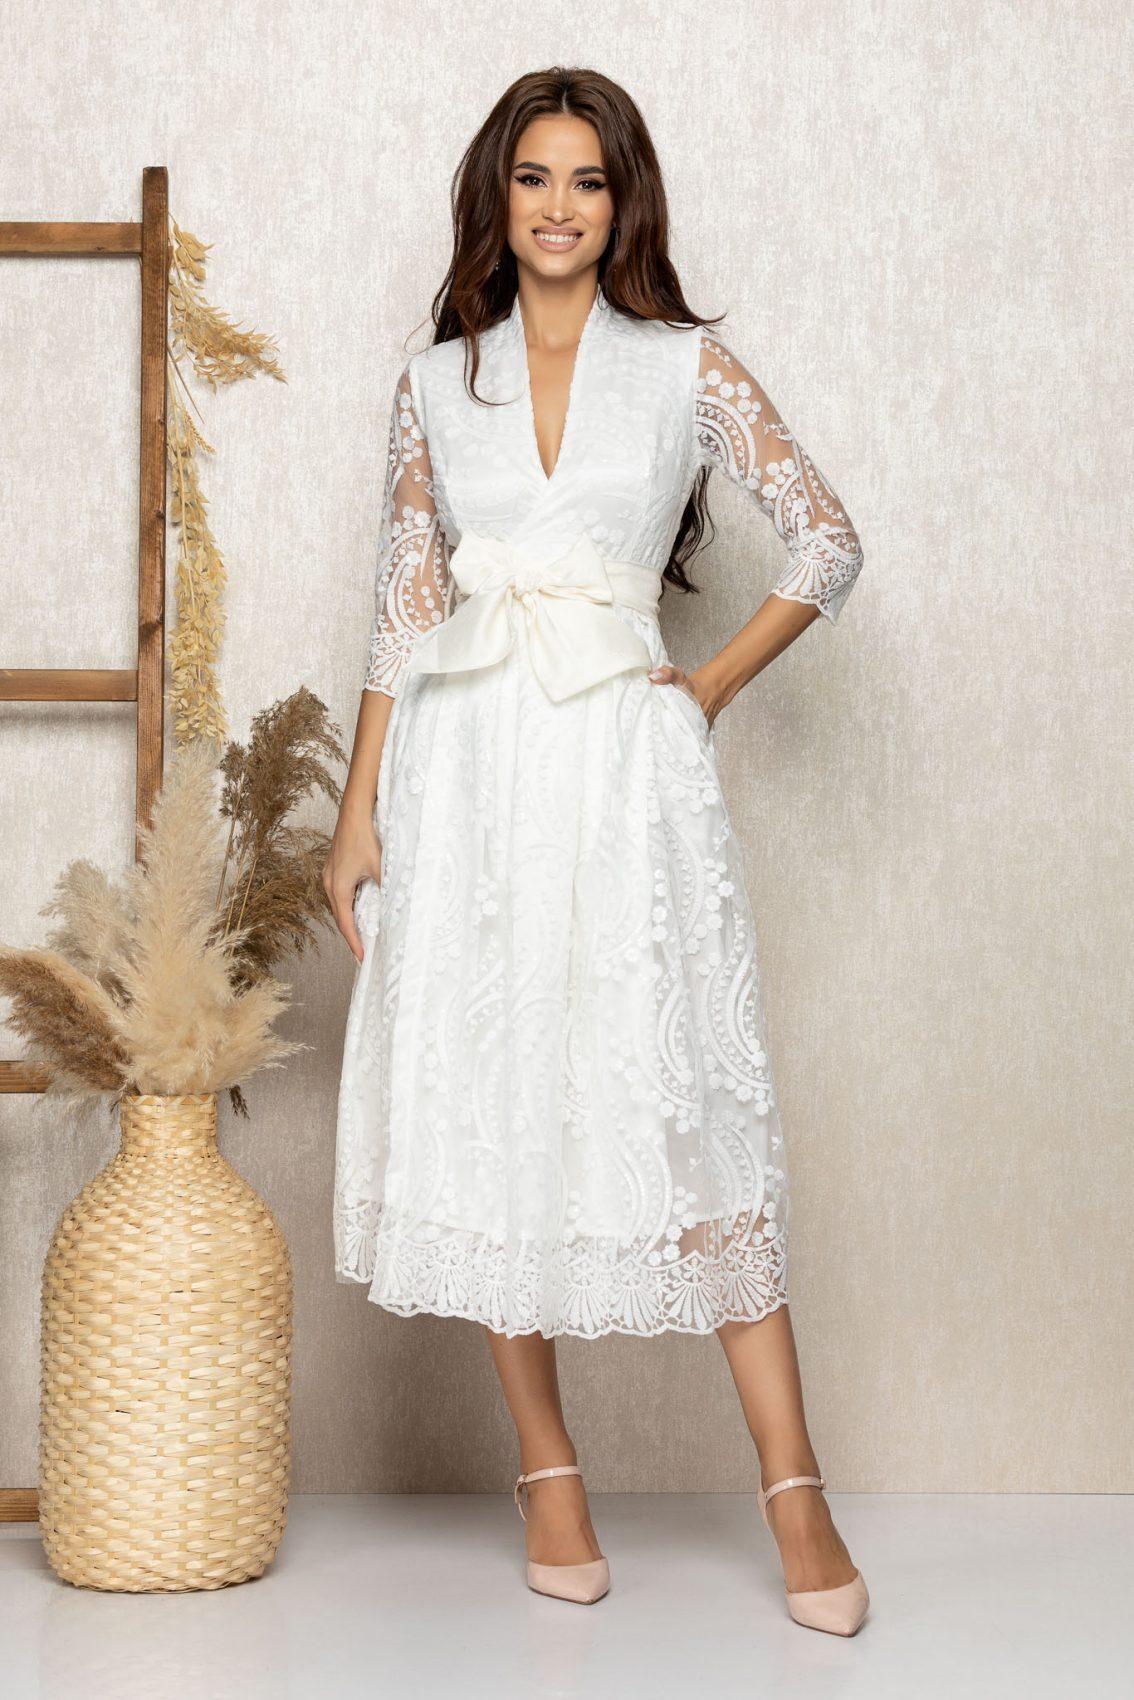 Λευκό Μίντι Νυφικό Φόρεμα Με Κέντημα Beautiful T312 3